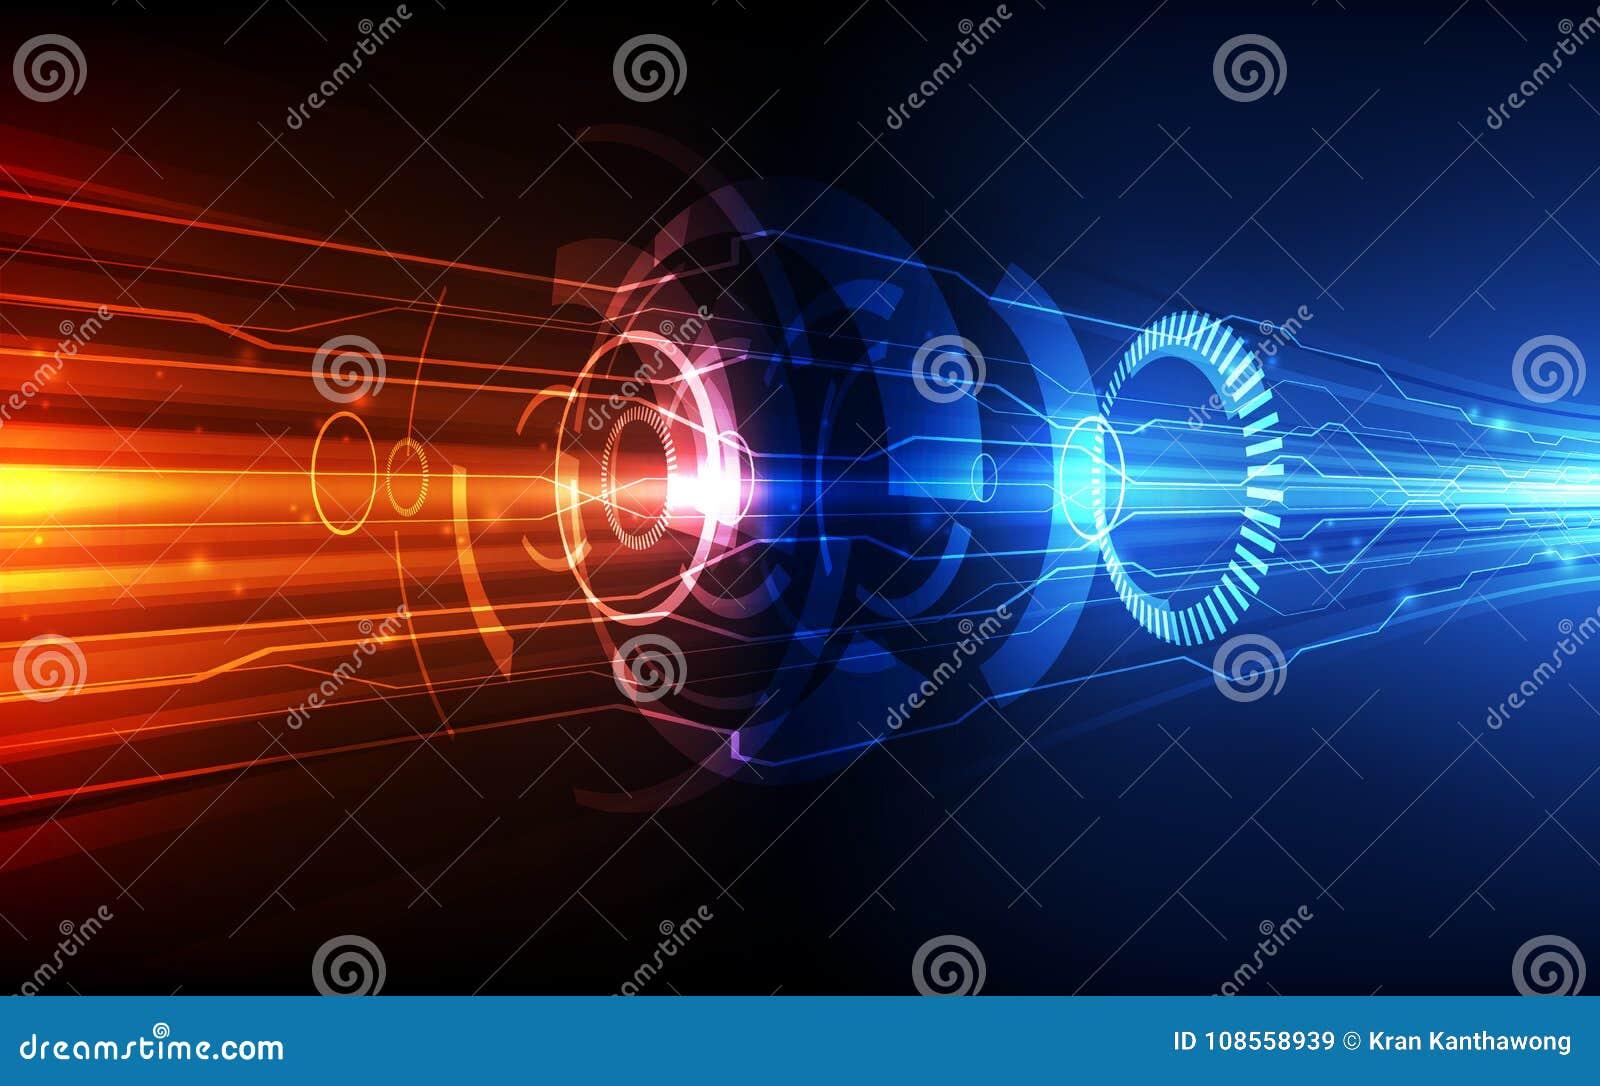 Wektorowy Abstrakcjonistyczny futurystyczny obwód deski system, Ilustracyjnej wysokiej prędkości technologii cyfrowej koloru błęk